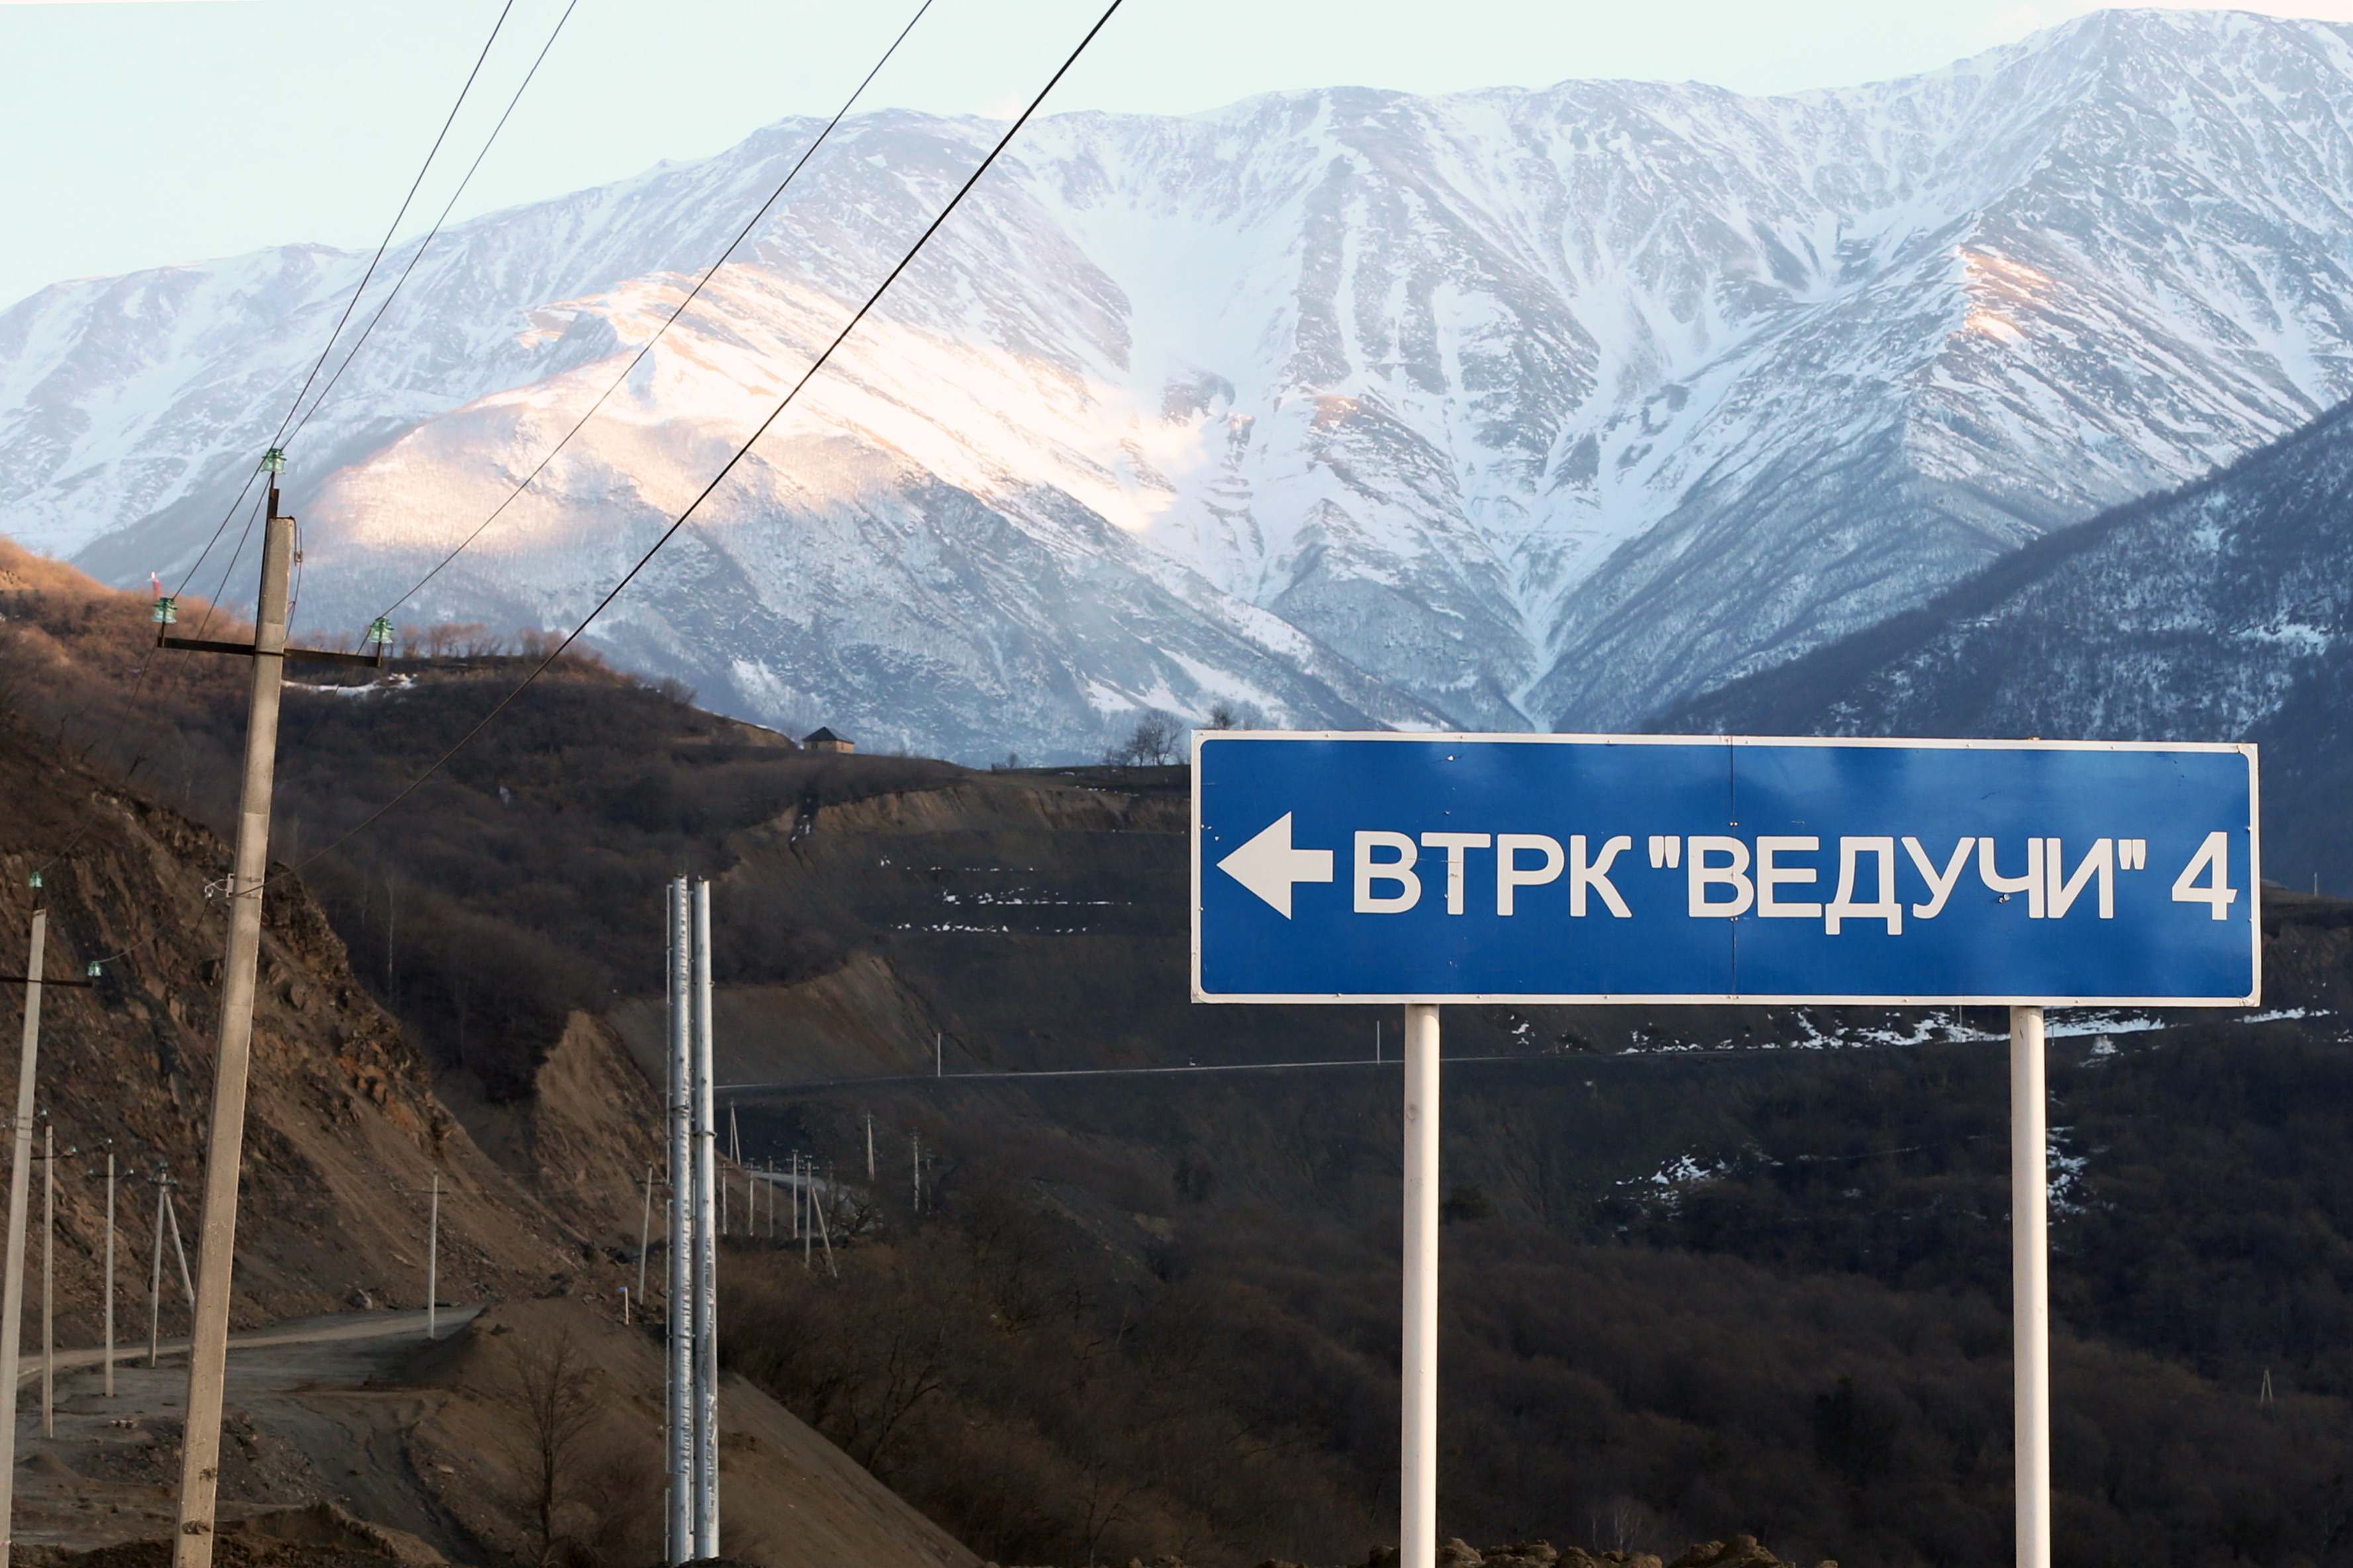 Туристам предложили ехать на курорт «Ведучи» по объездной дороге